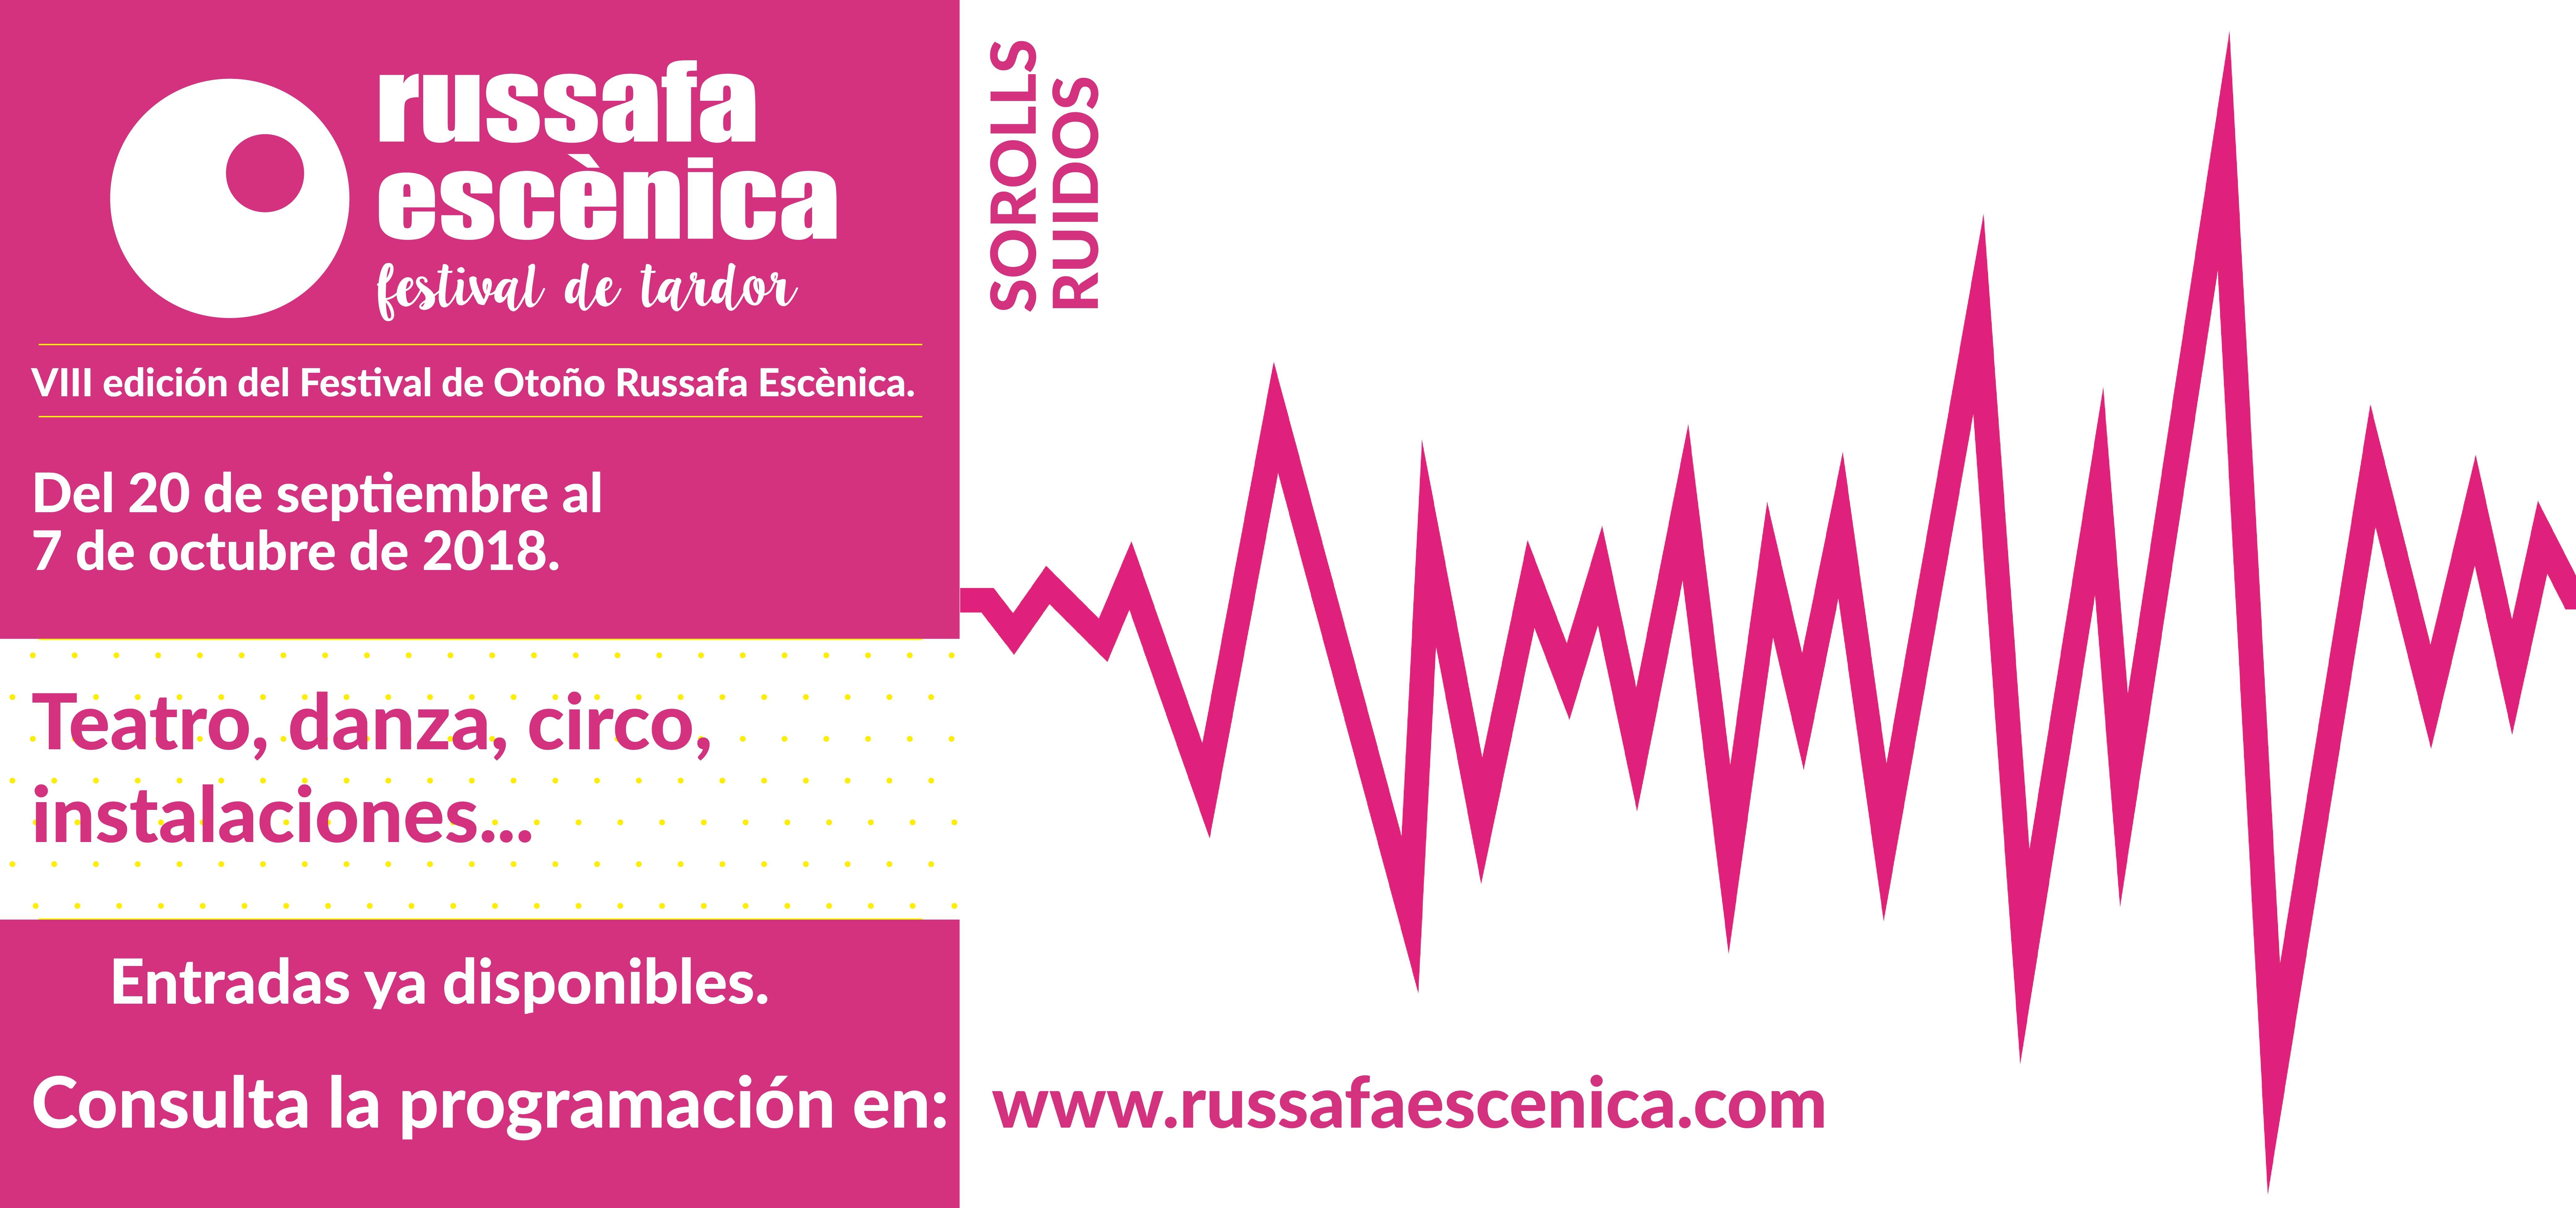 RussafaEscenia